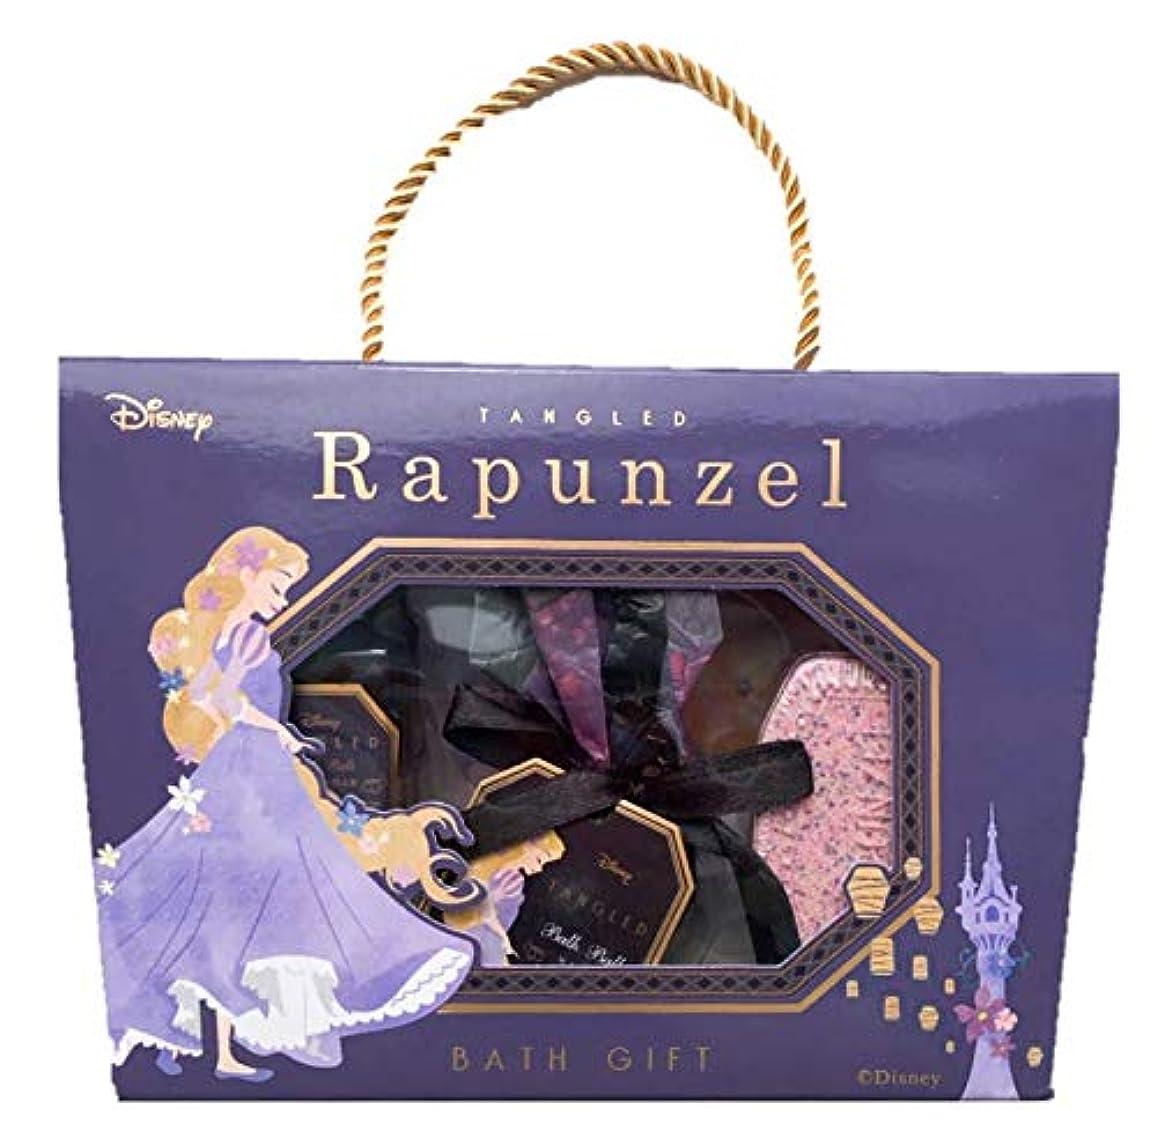 抗議放射性決めますディズニー(Disney)SHO-BI バスギフトM ギフトセット ラプンツェル ディズニープリンセス 塔の上のラプンツェル 入浴剤 ギフト バスギフトセット プレゼント 大人 女の子 かわいい Rapunzel